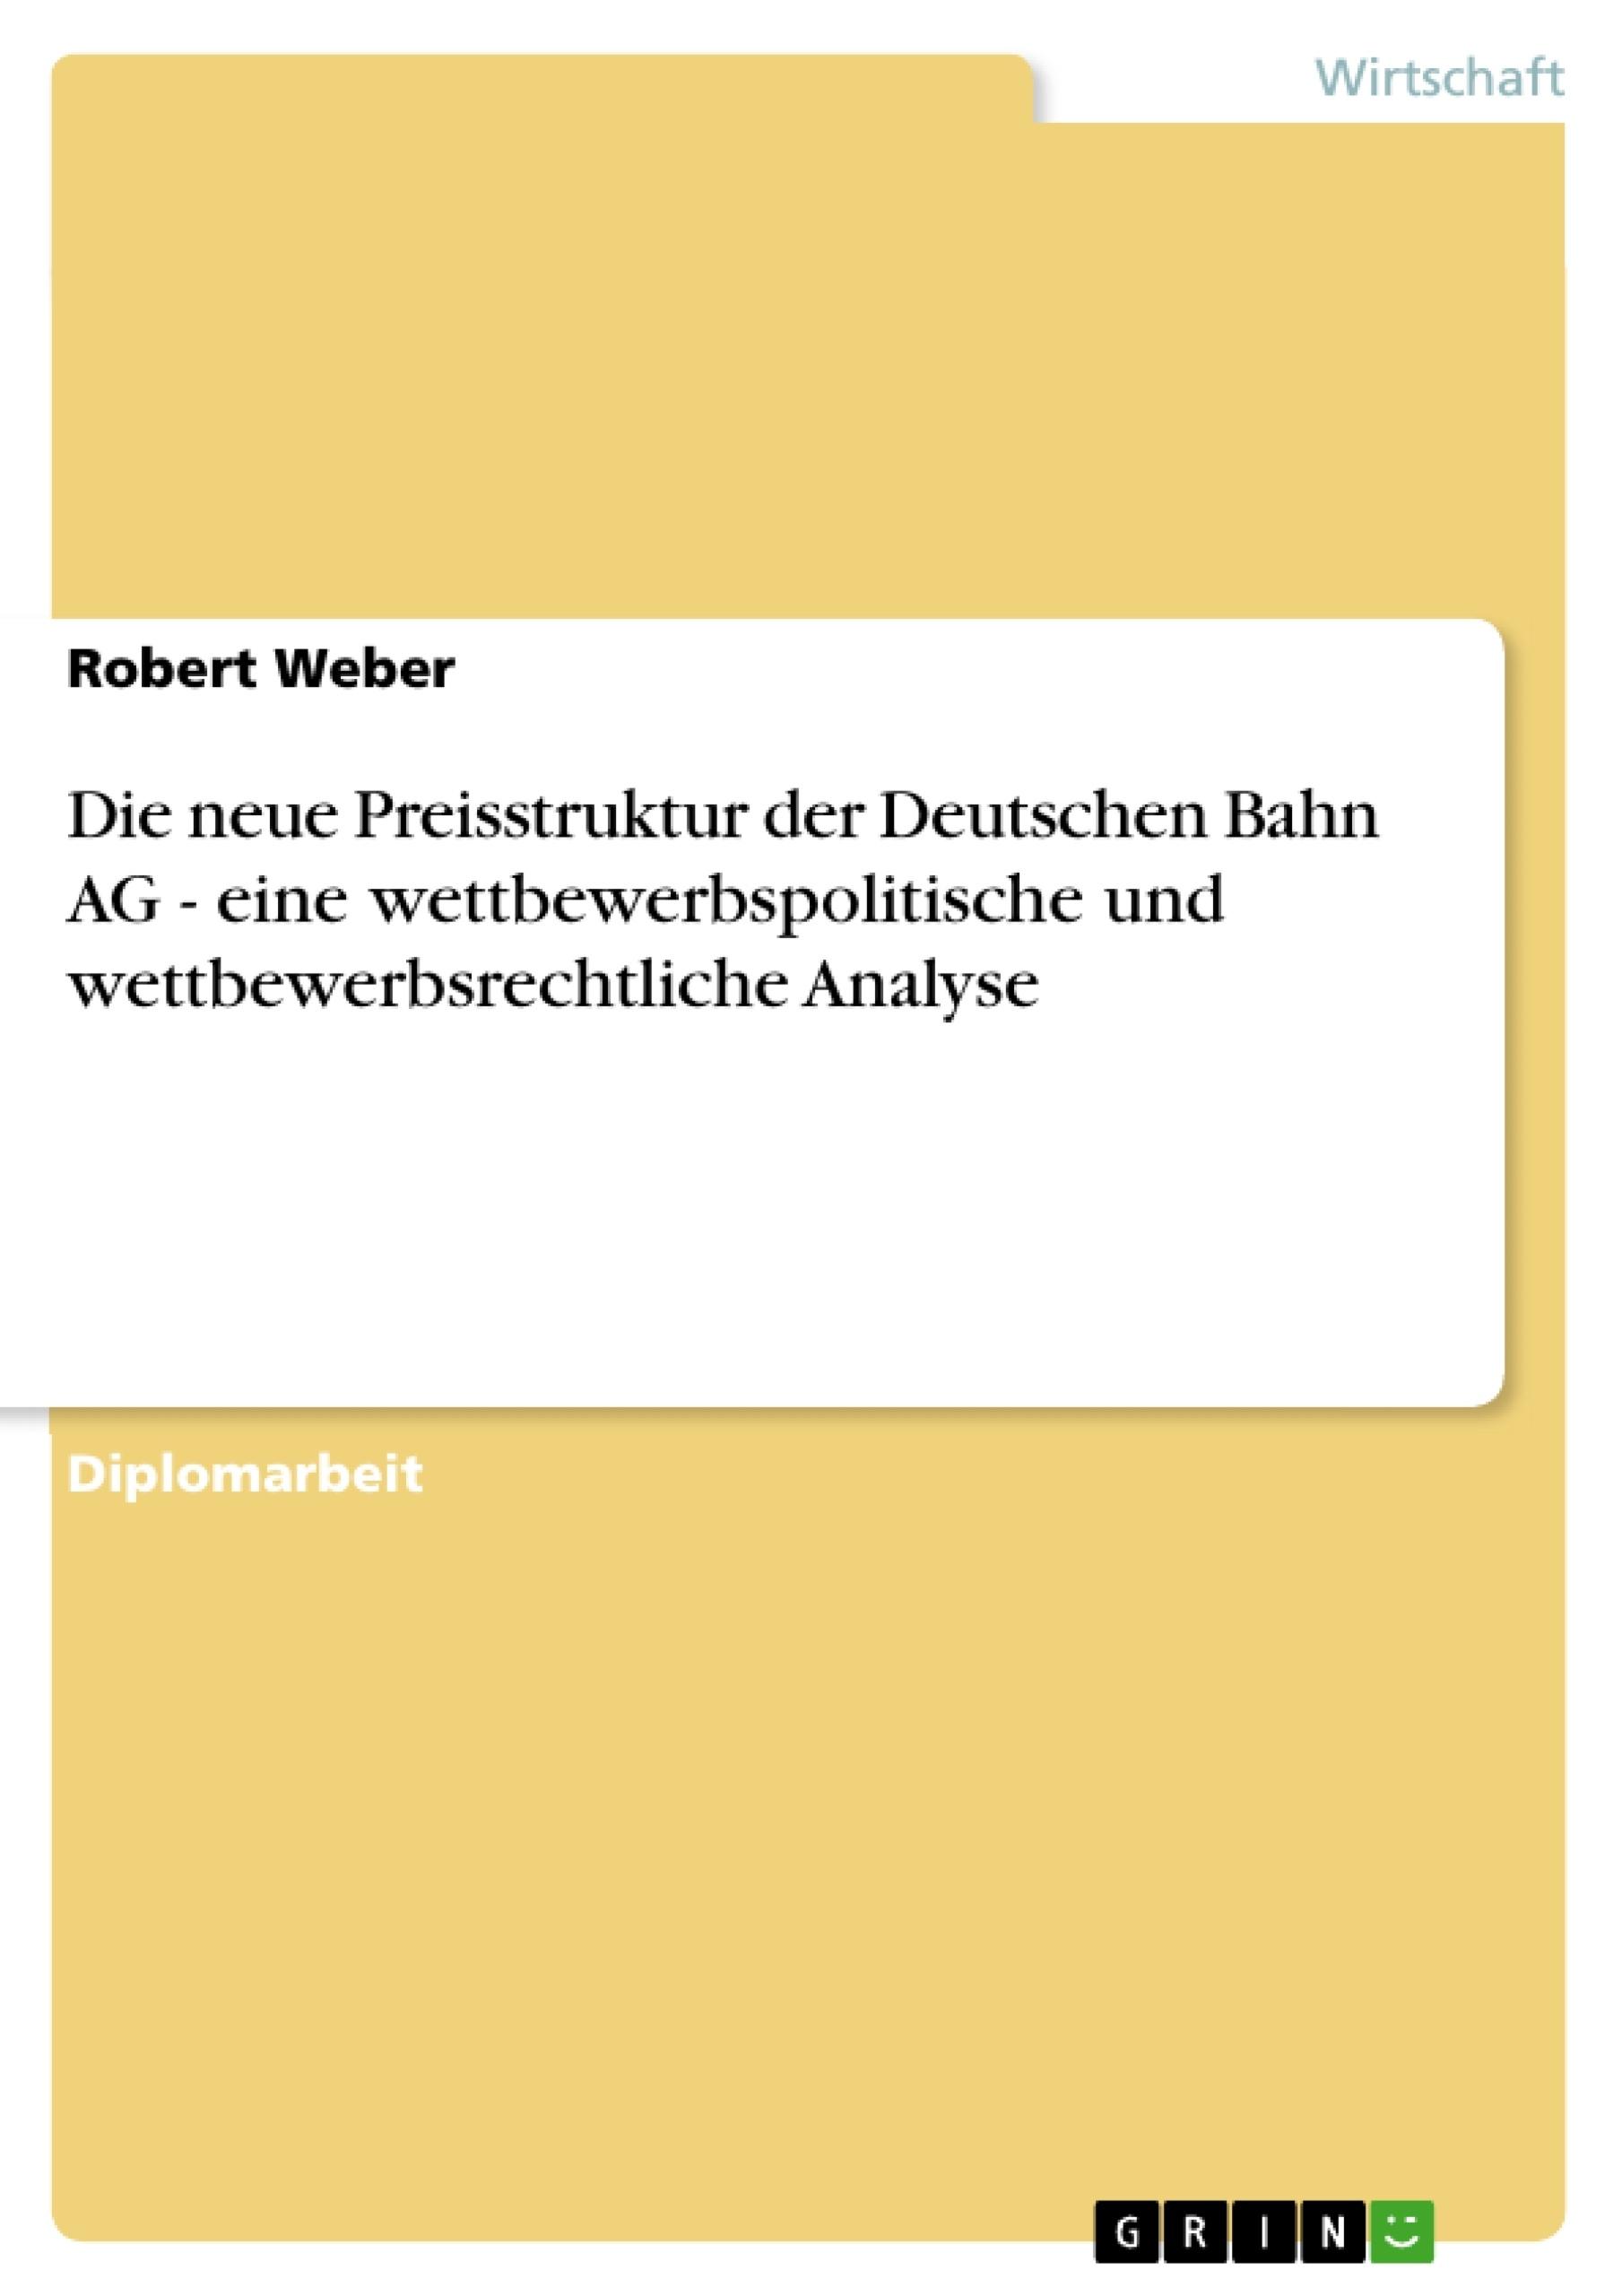 Titel: Die neue Preisstruktur der Deutschen Bahn AG - eine wettbewerbspolitische und wettbewerbsrechtliche Analyse